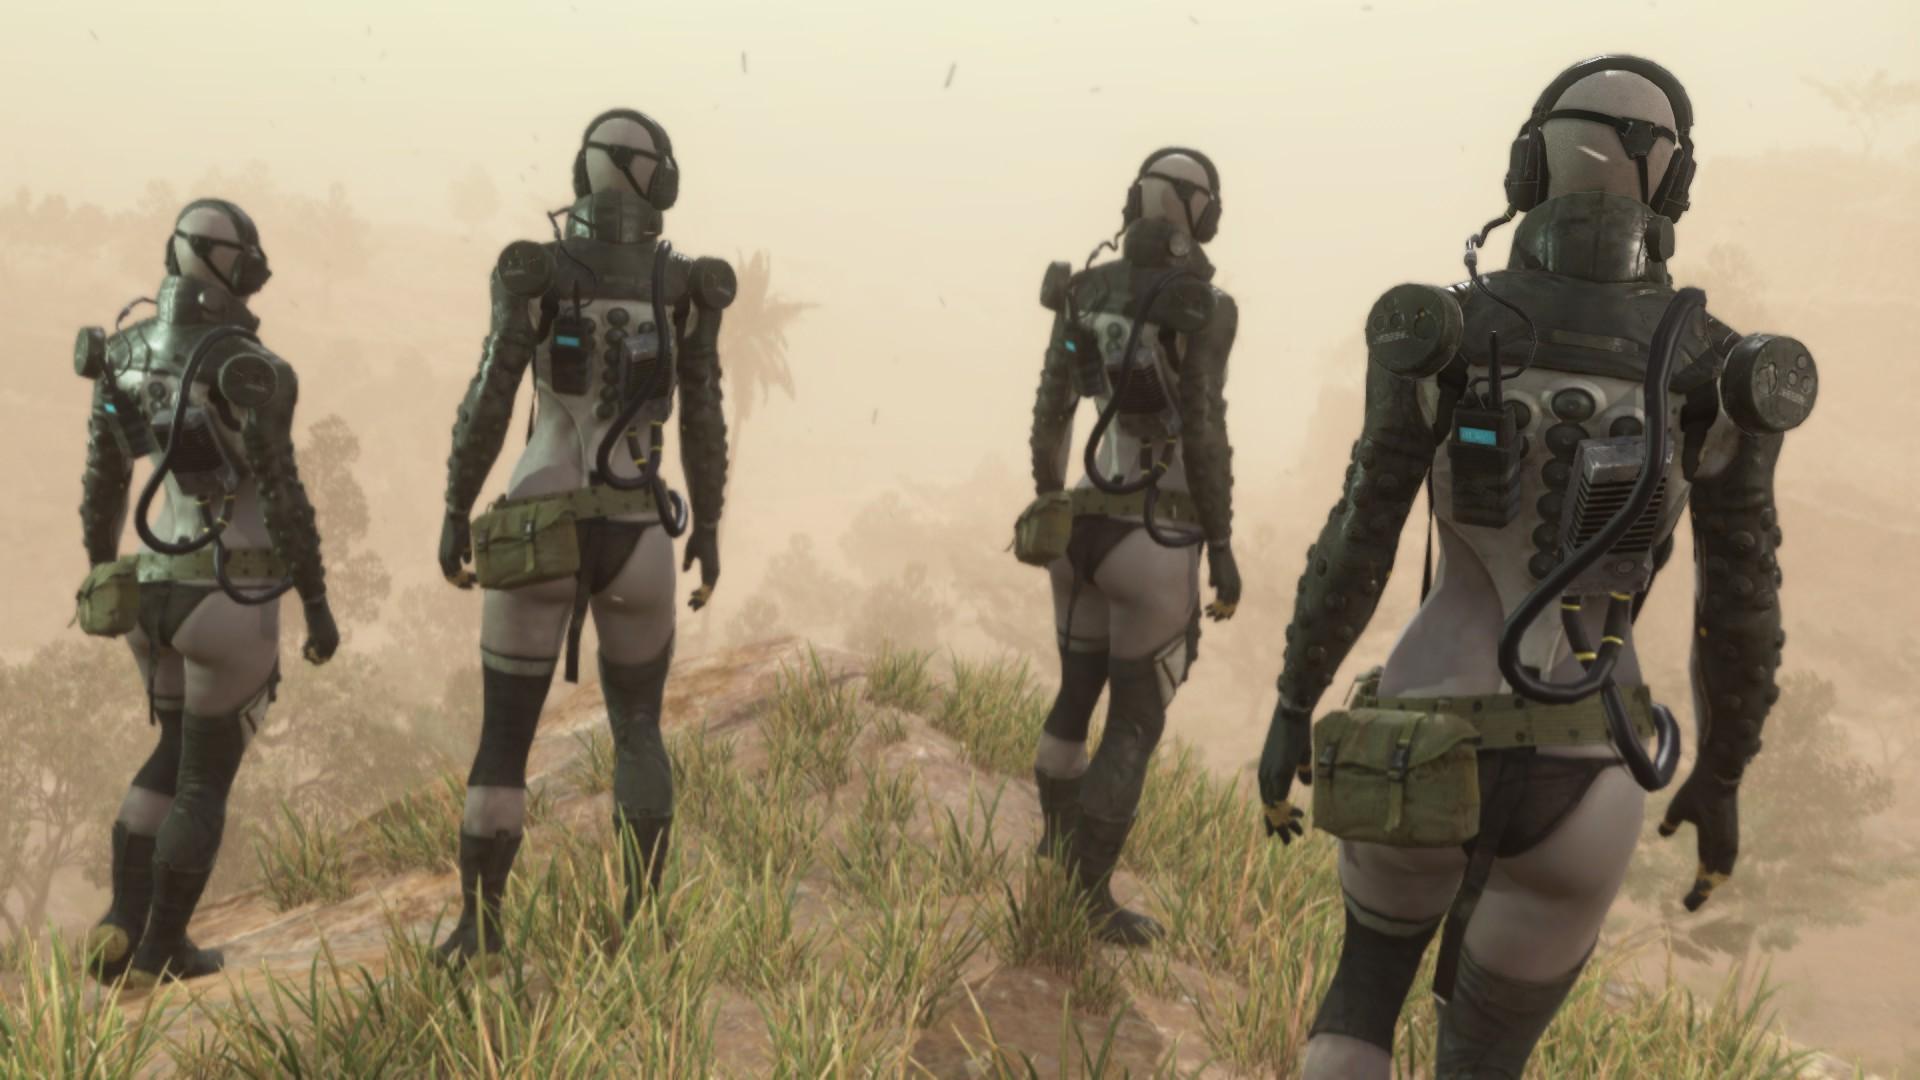 20170715142859_1.jpg - Metal Gear Solid 5: The Phantom Pain